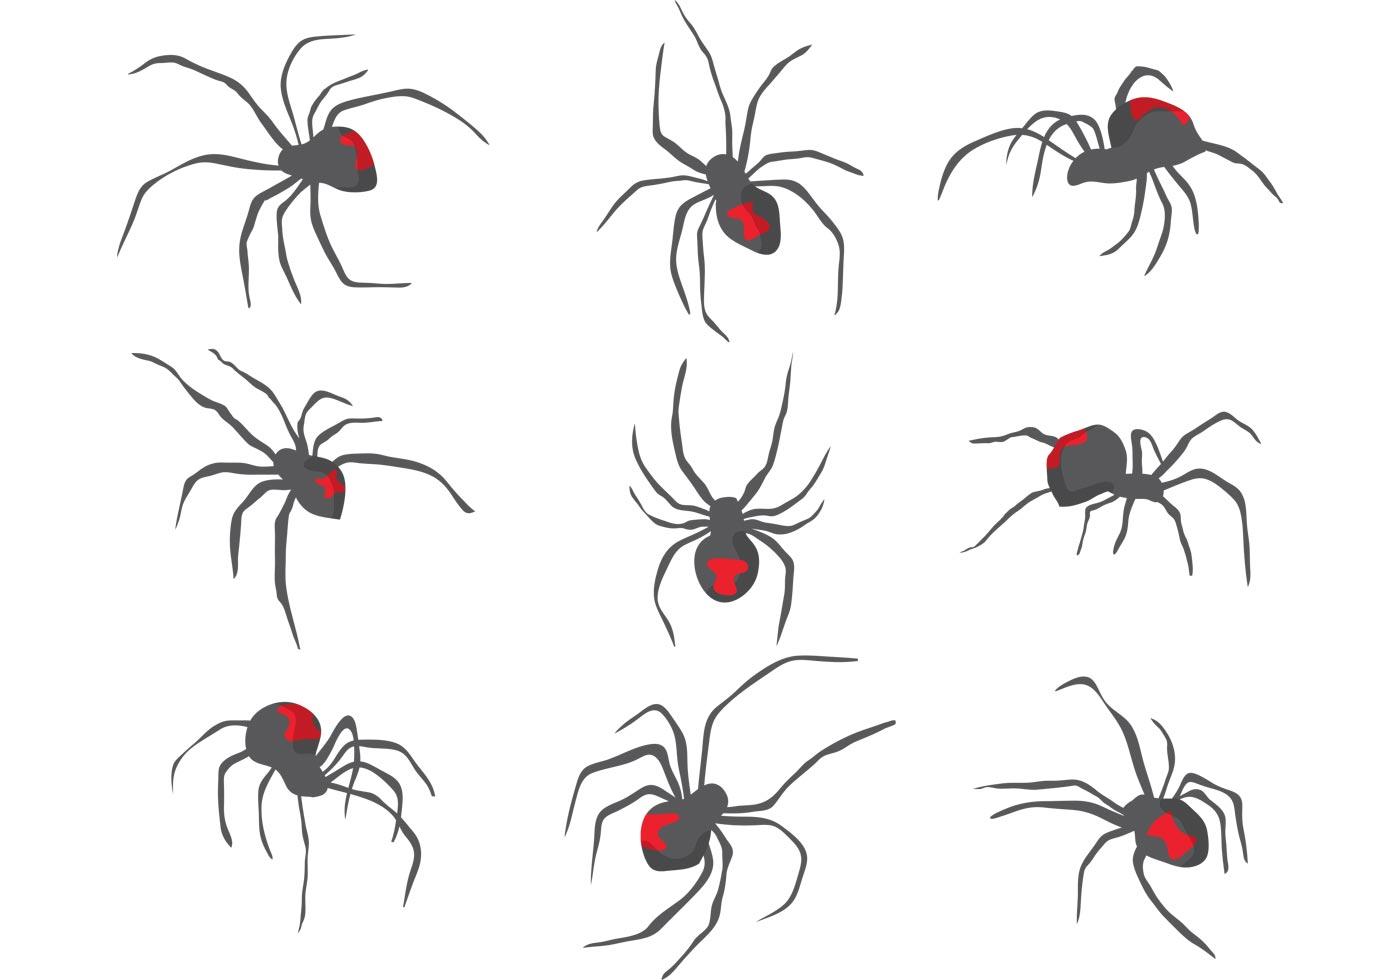 Black Widow Spider Vectors - Download Free Vector Art ...